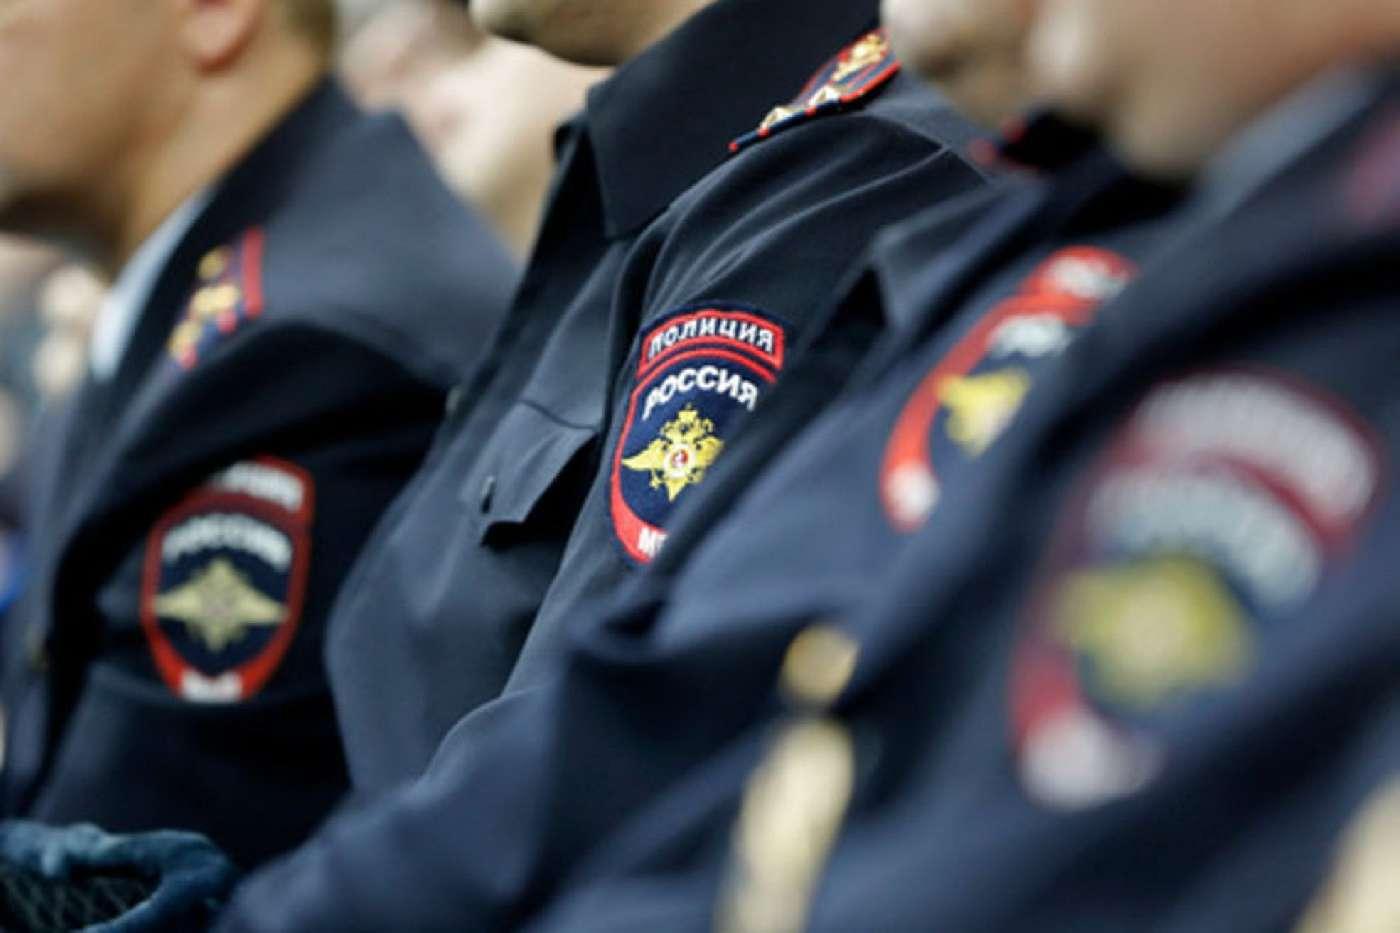 Бочаров иКравченко навестили волгоградских полицейских вДагестане